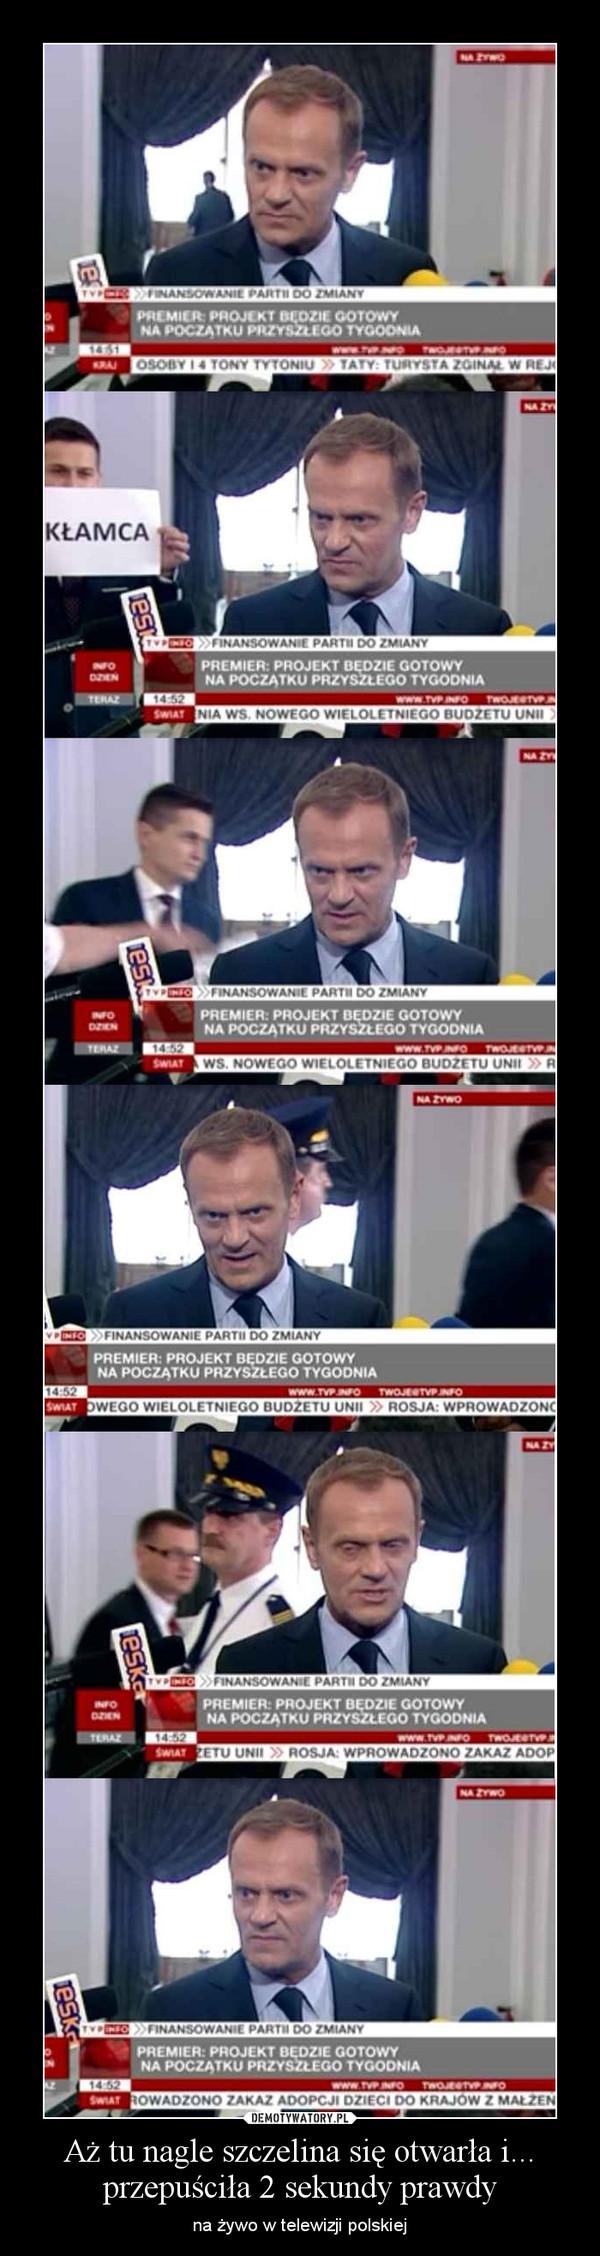 Aż tu nagle szczelina się otwarła i... przepuściła 2 sekundy prawdy – na żywo w telewizji polskiej